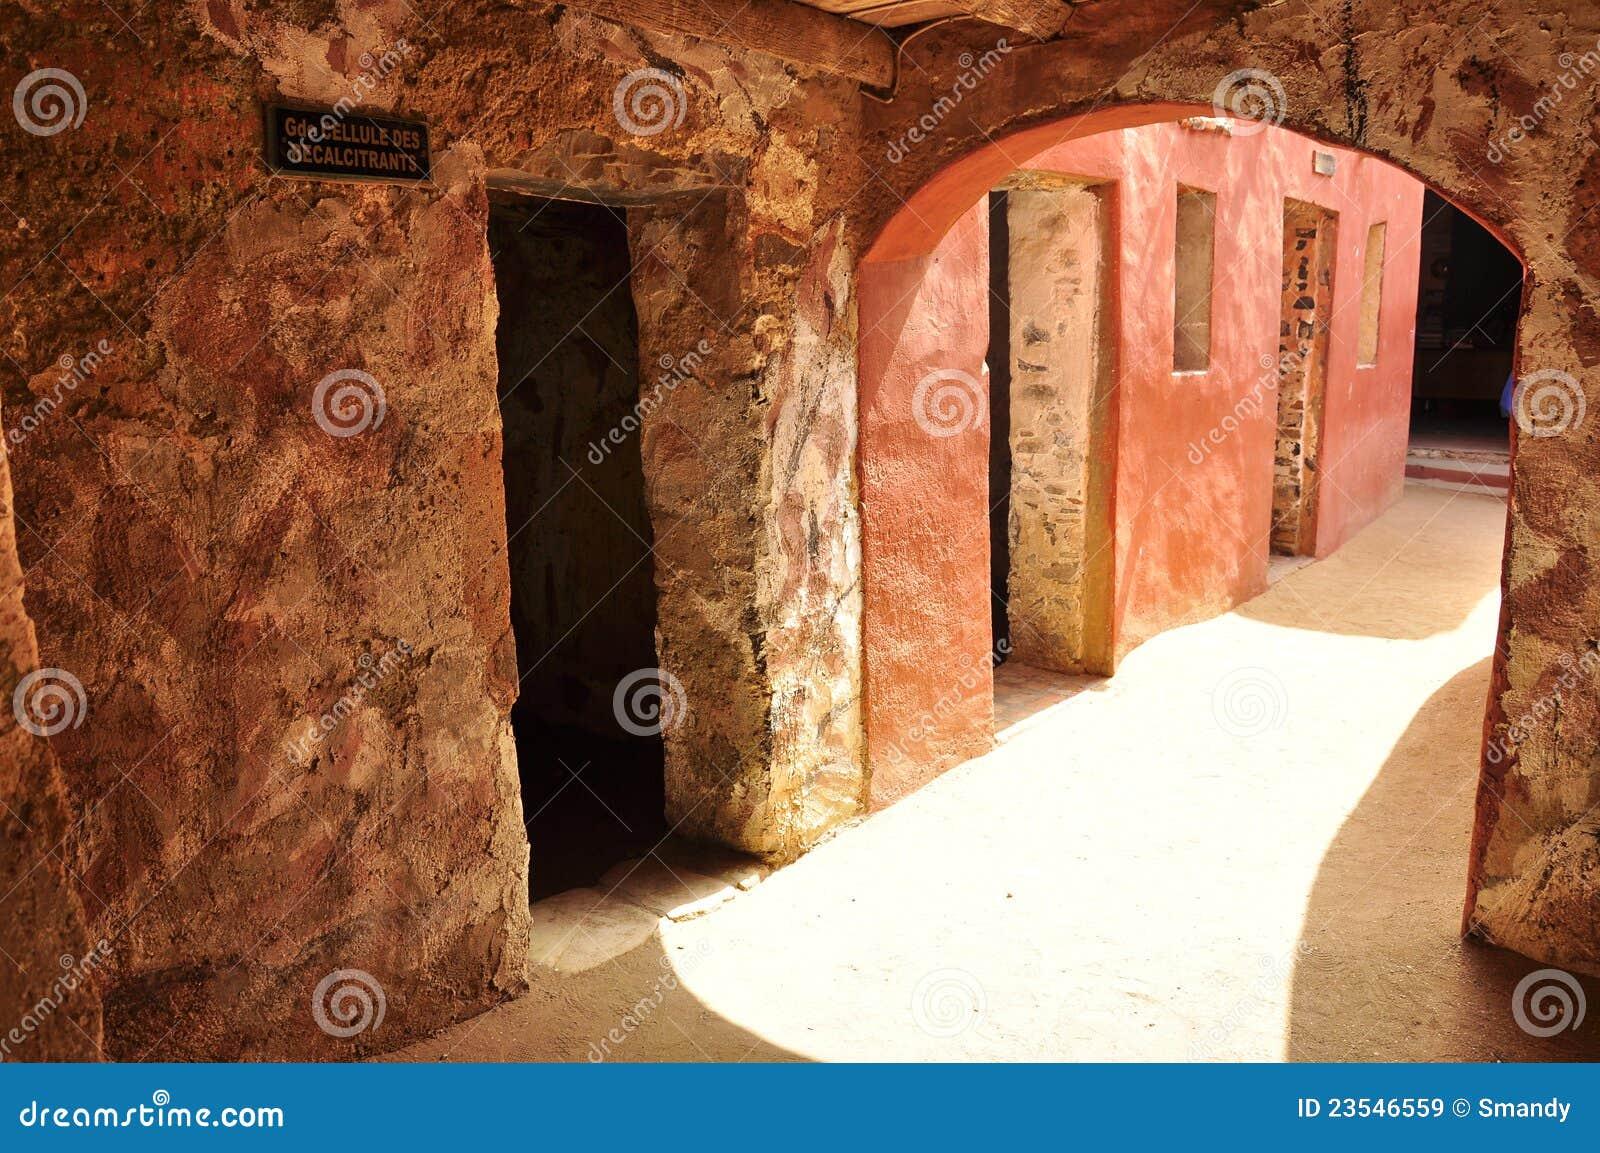 Salles des esclaves, maison des esclaves, Sénégal